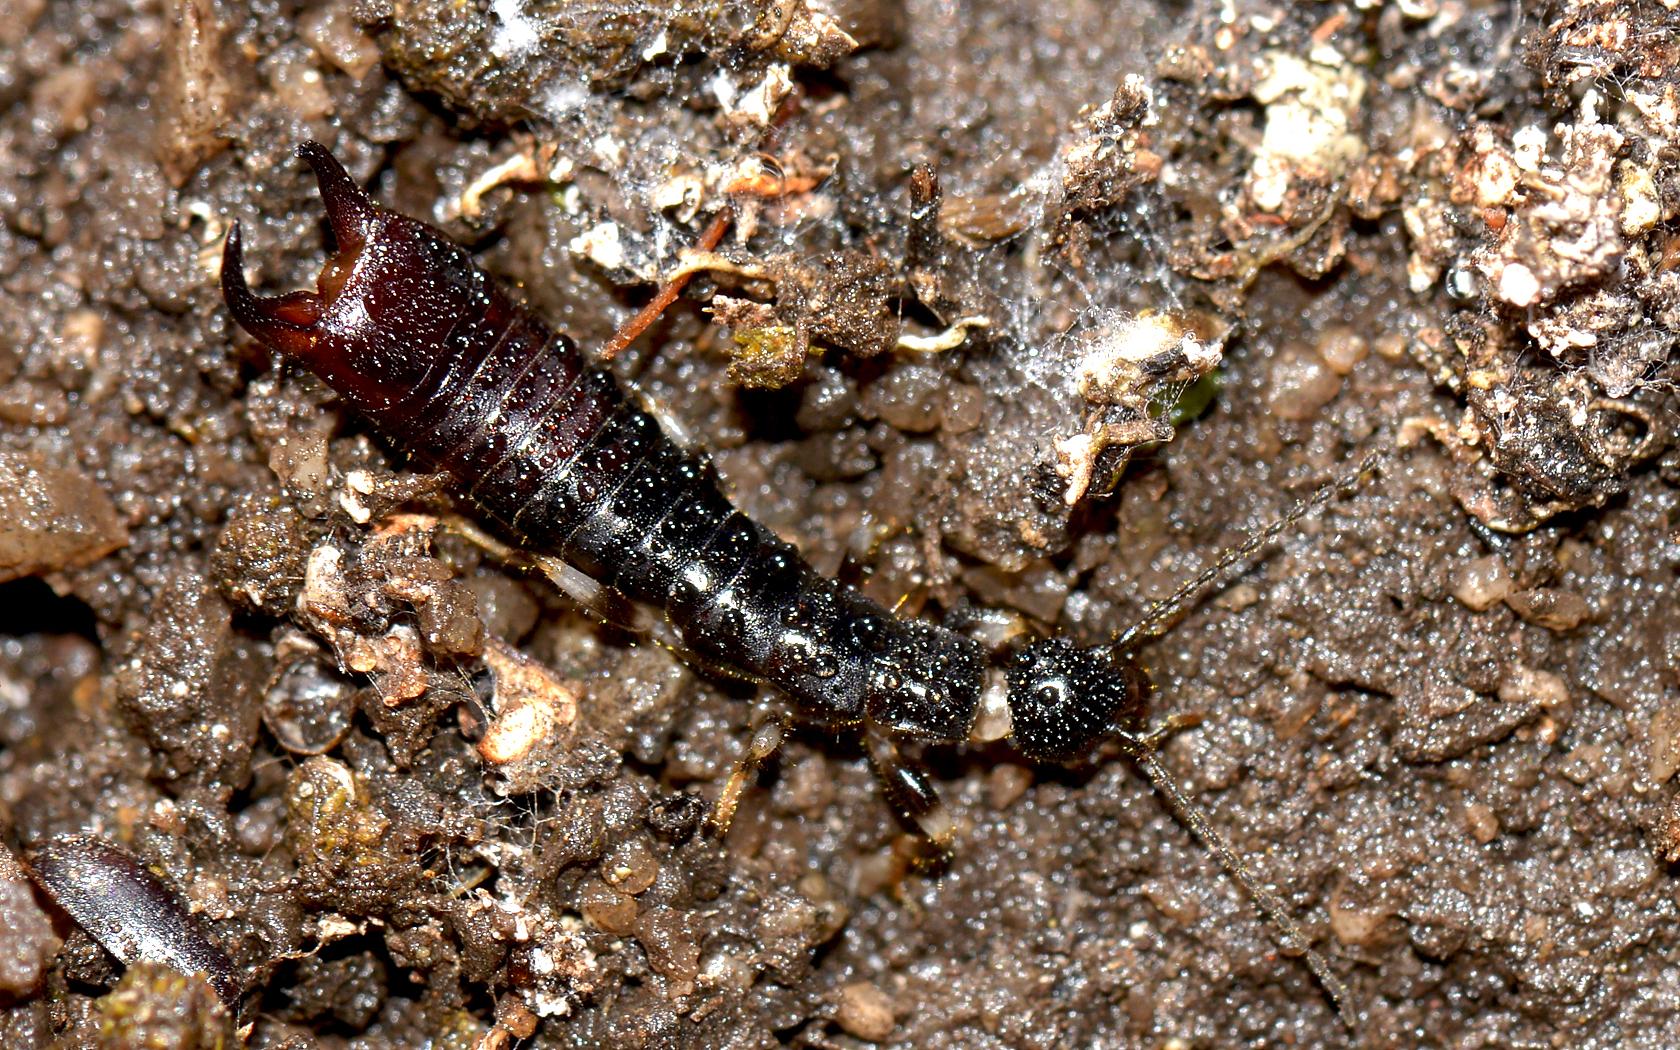 Image of Ringlegged earwig